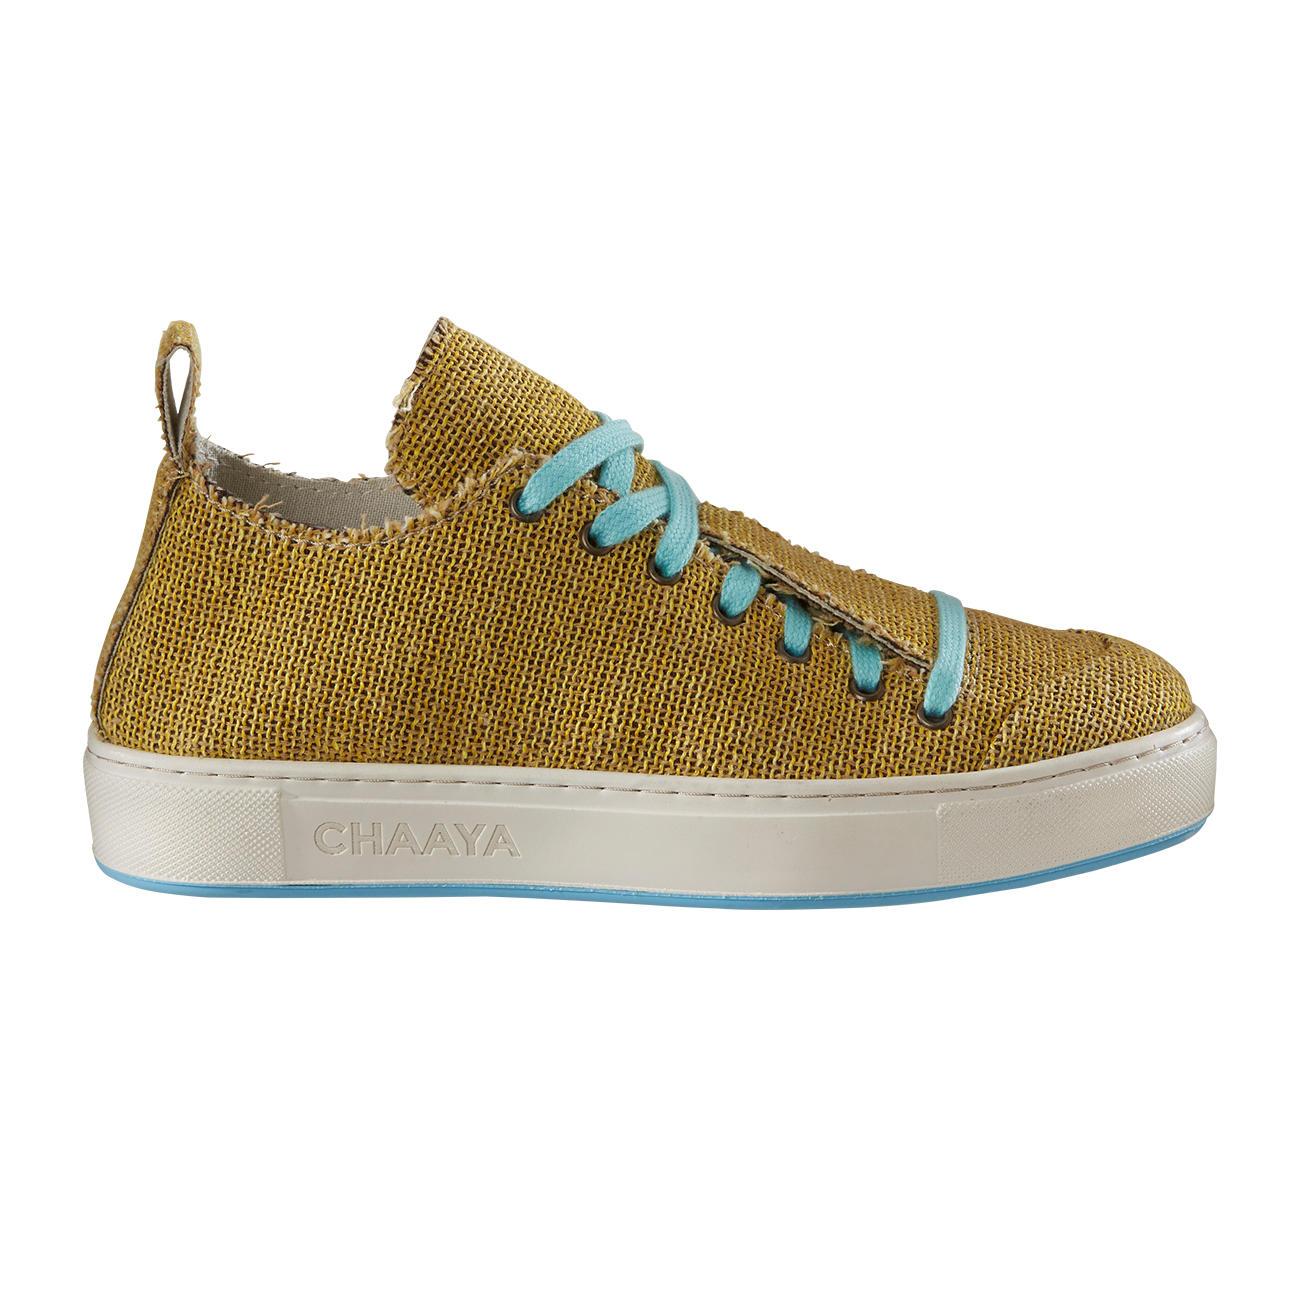 Klassiker Canvas Entdecken Chaaya SneakersMode SneakersMode Chaaya Canvas VMGqSpUz